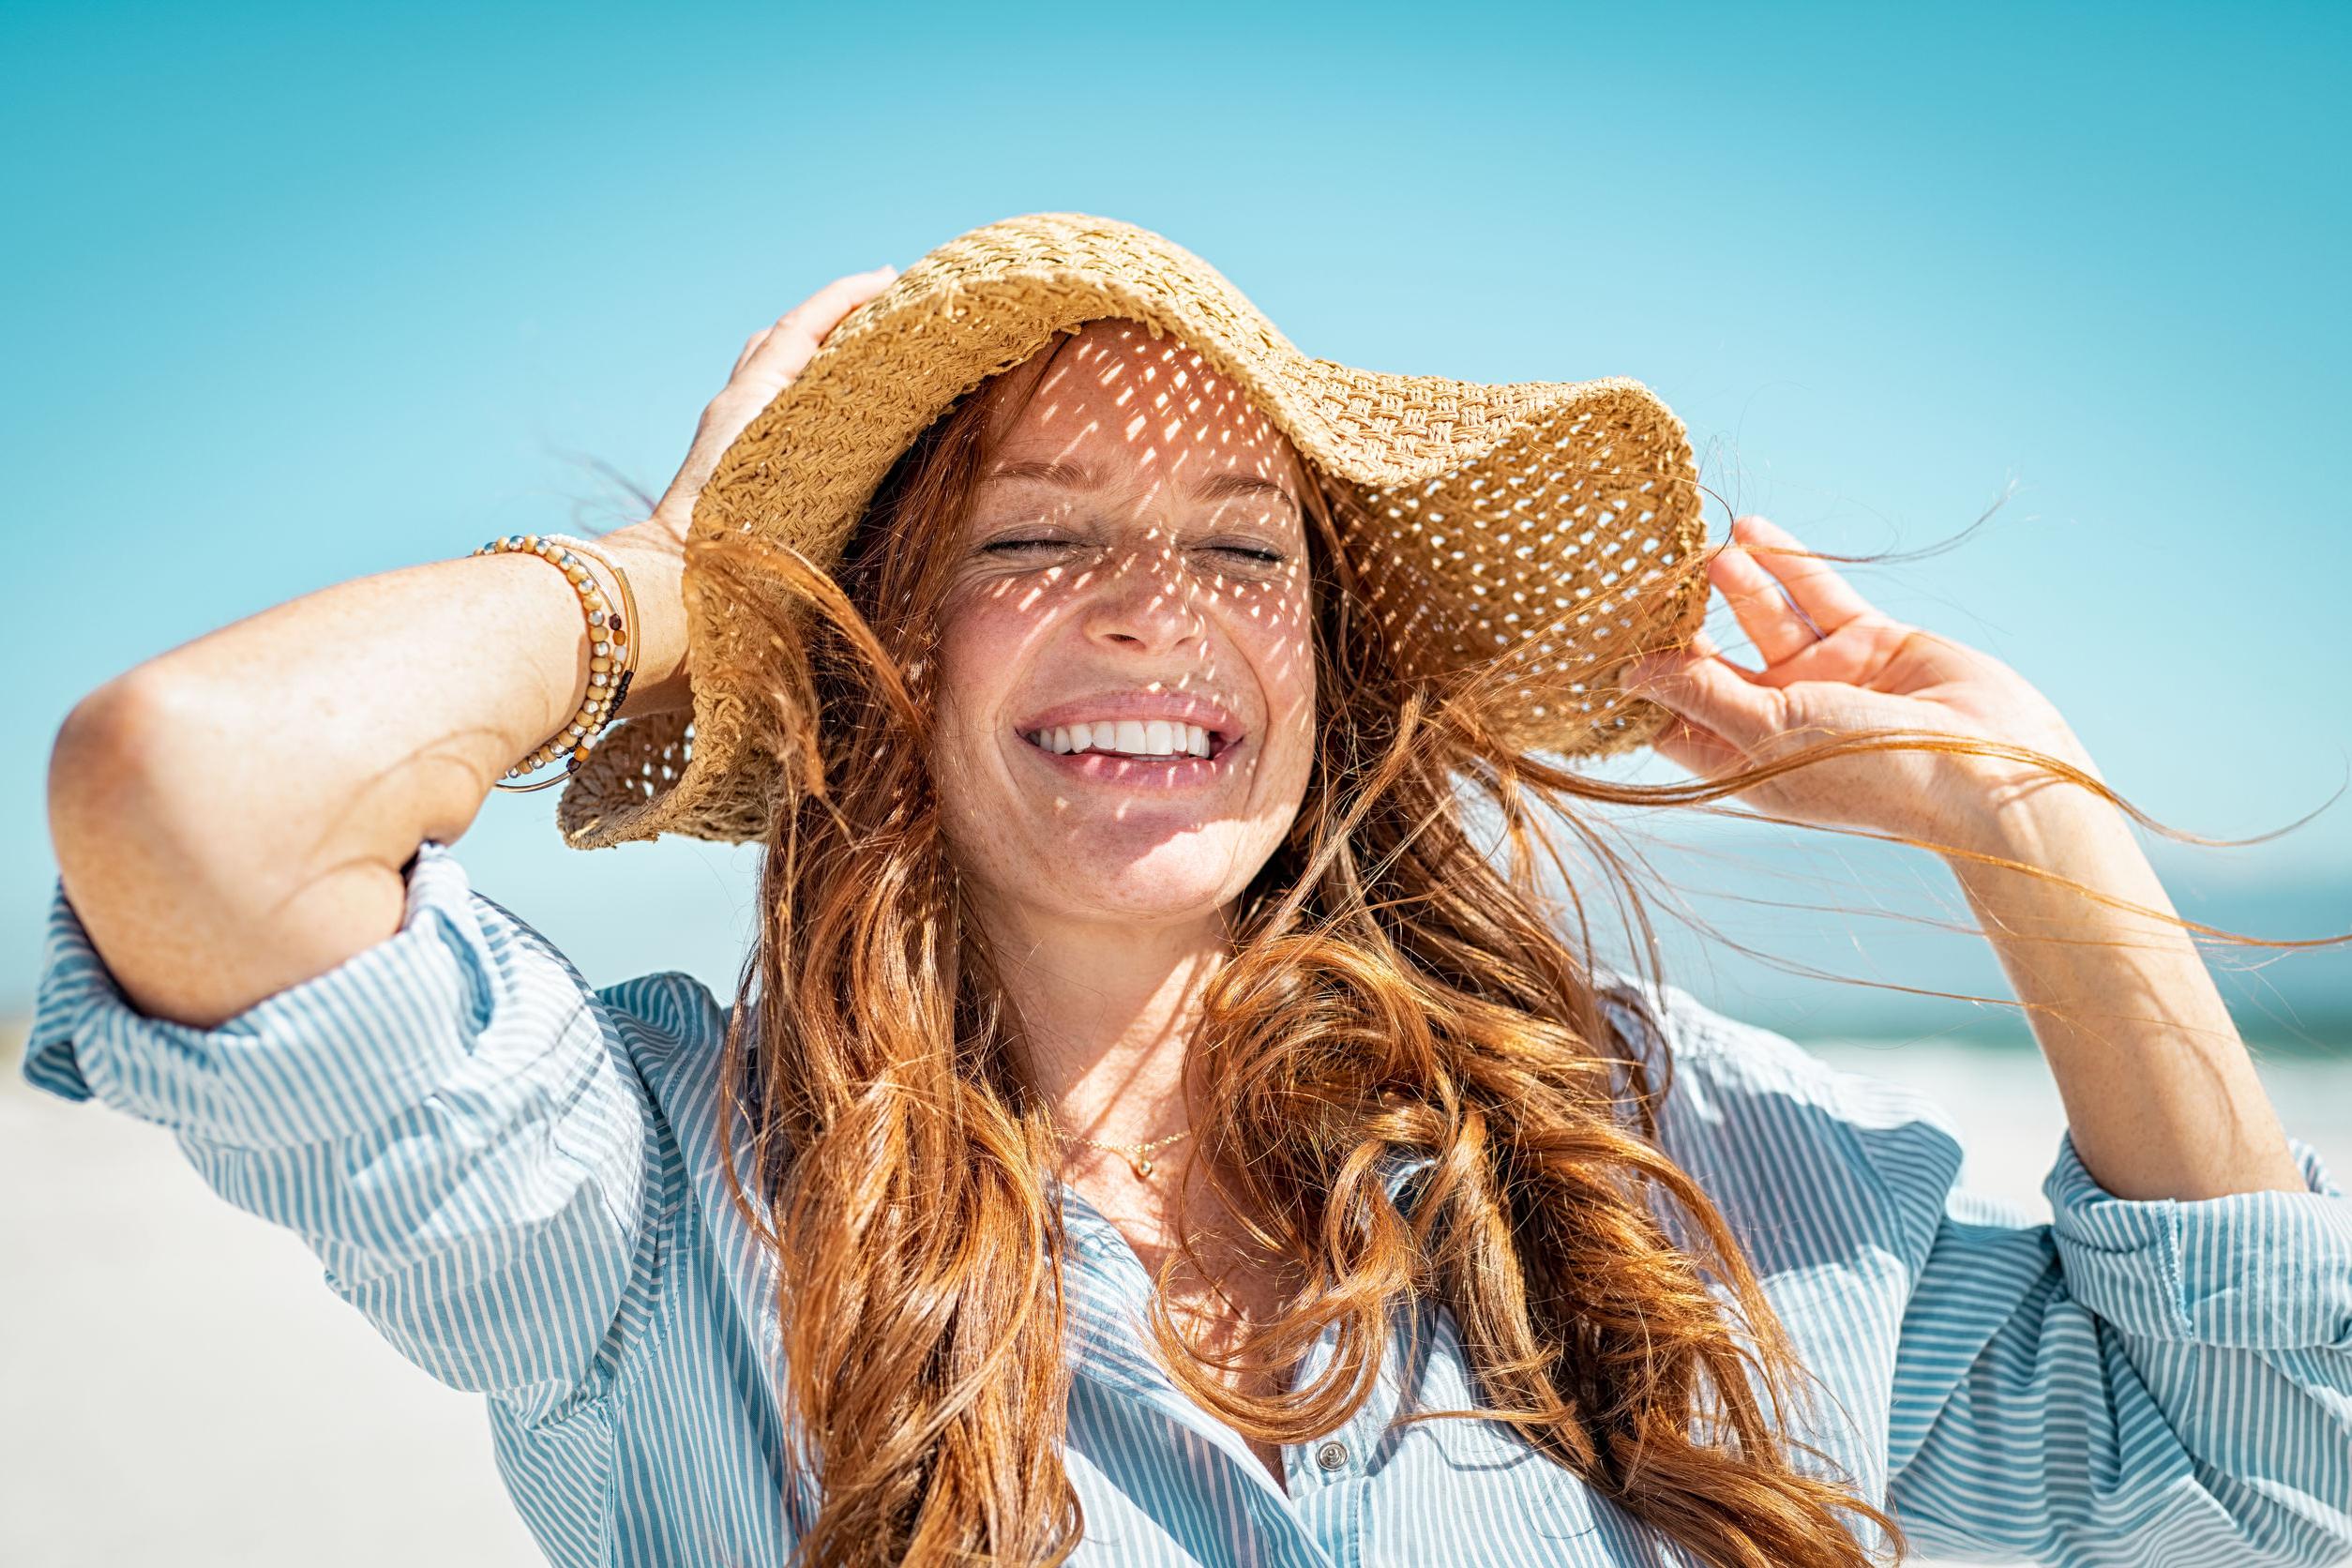 שיקום וחידוש העור לאחר החשיפה לנזקי הקיץ